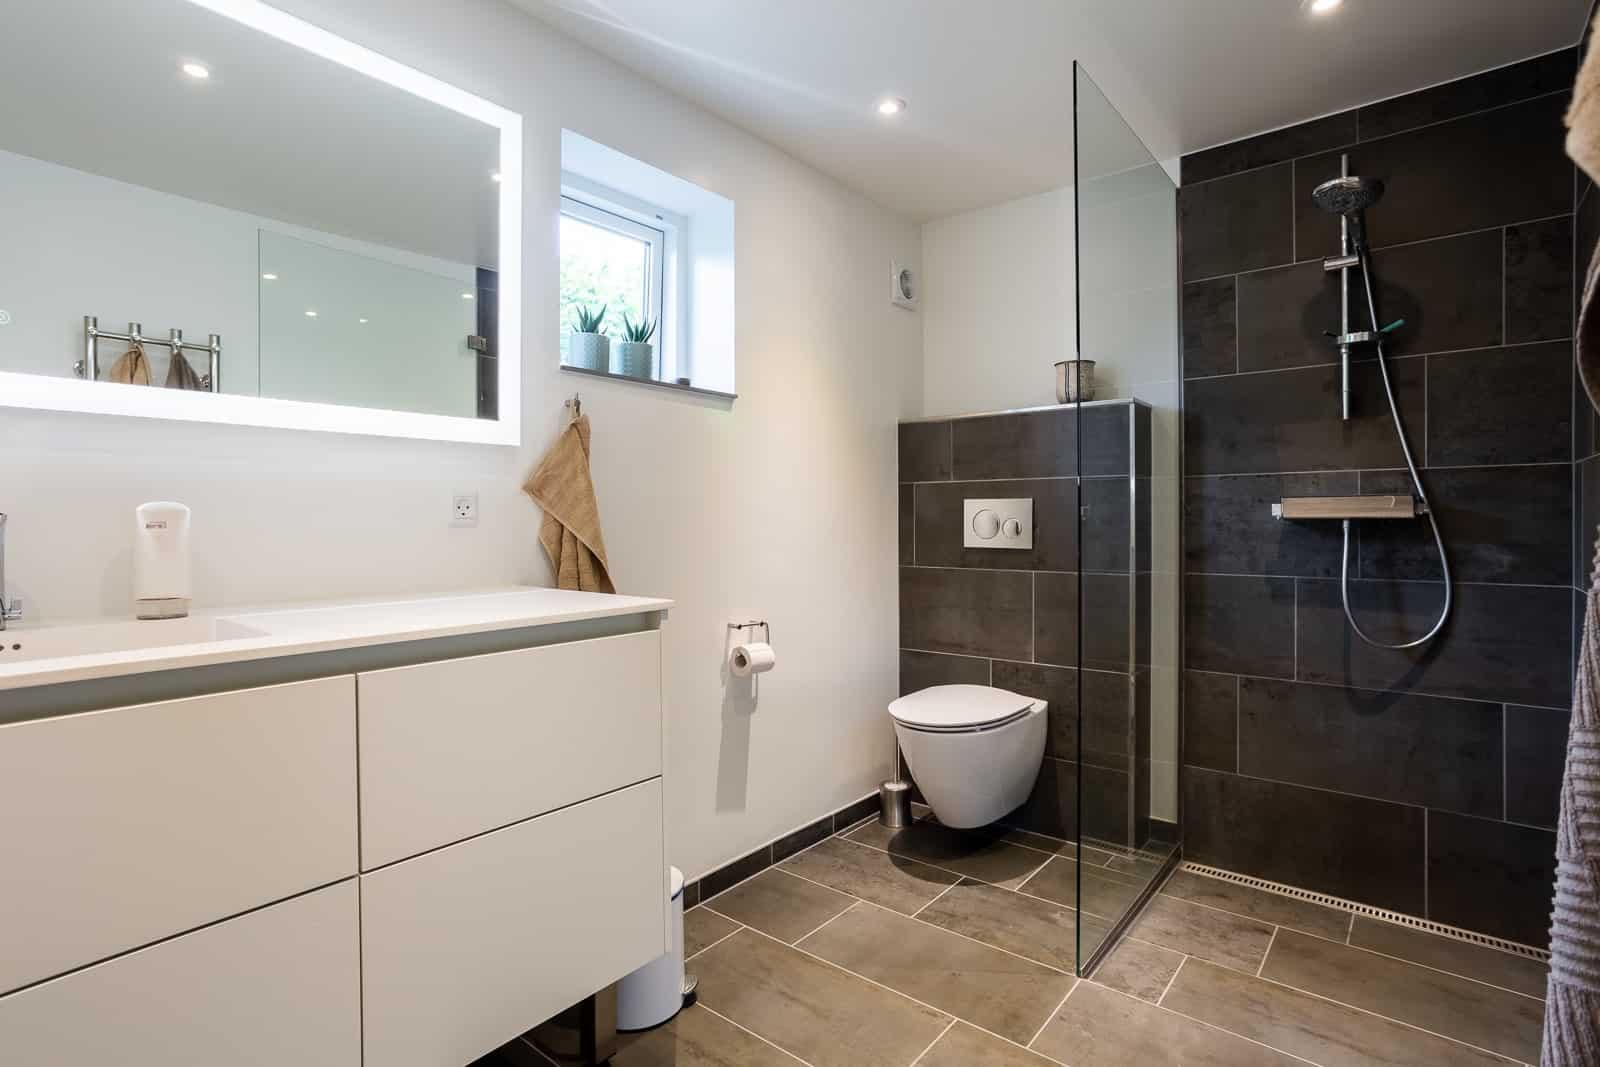 Nyt badeværelser med store fliser og masser af lys